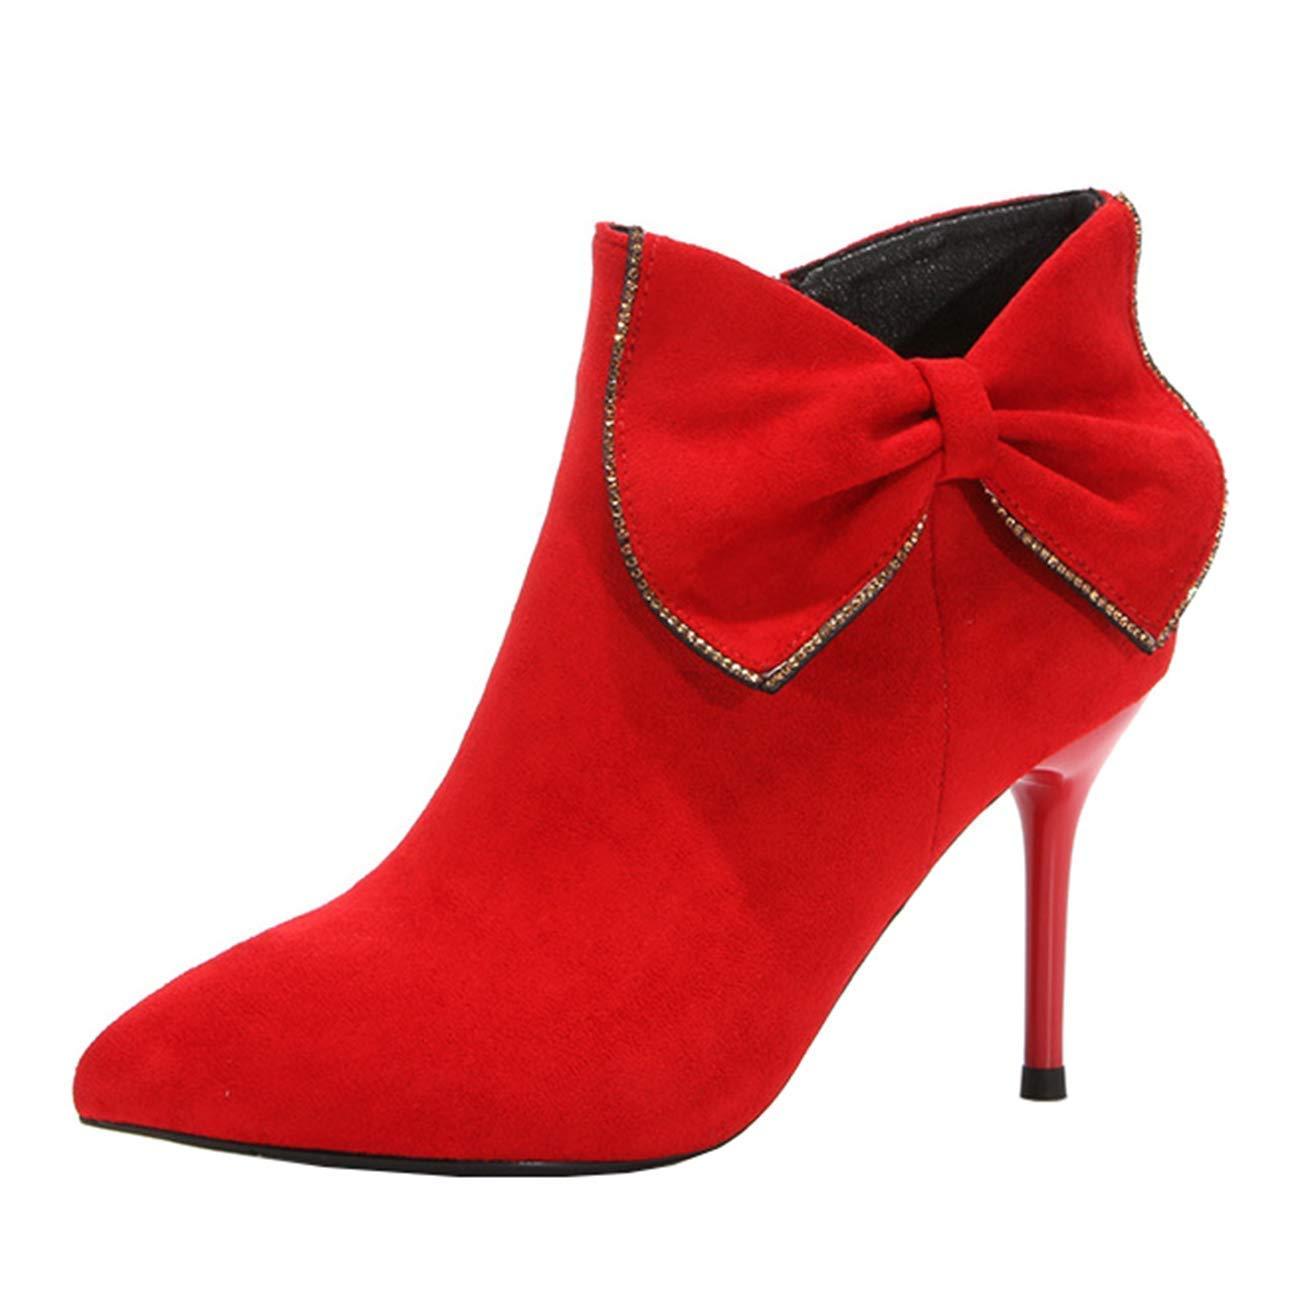 Eeayyygch Frauen Spitz-Toe Stiletto Zip Bowknot Stiefeletten (Farbe   Rot, Größe   3 UK)